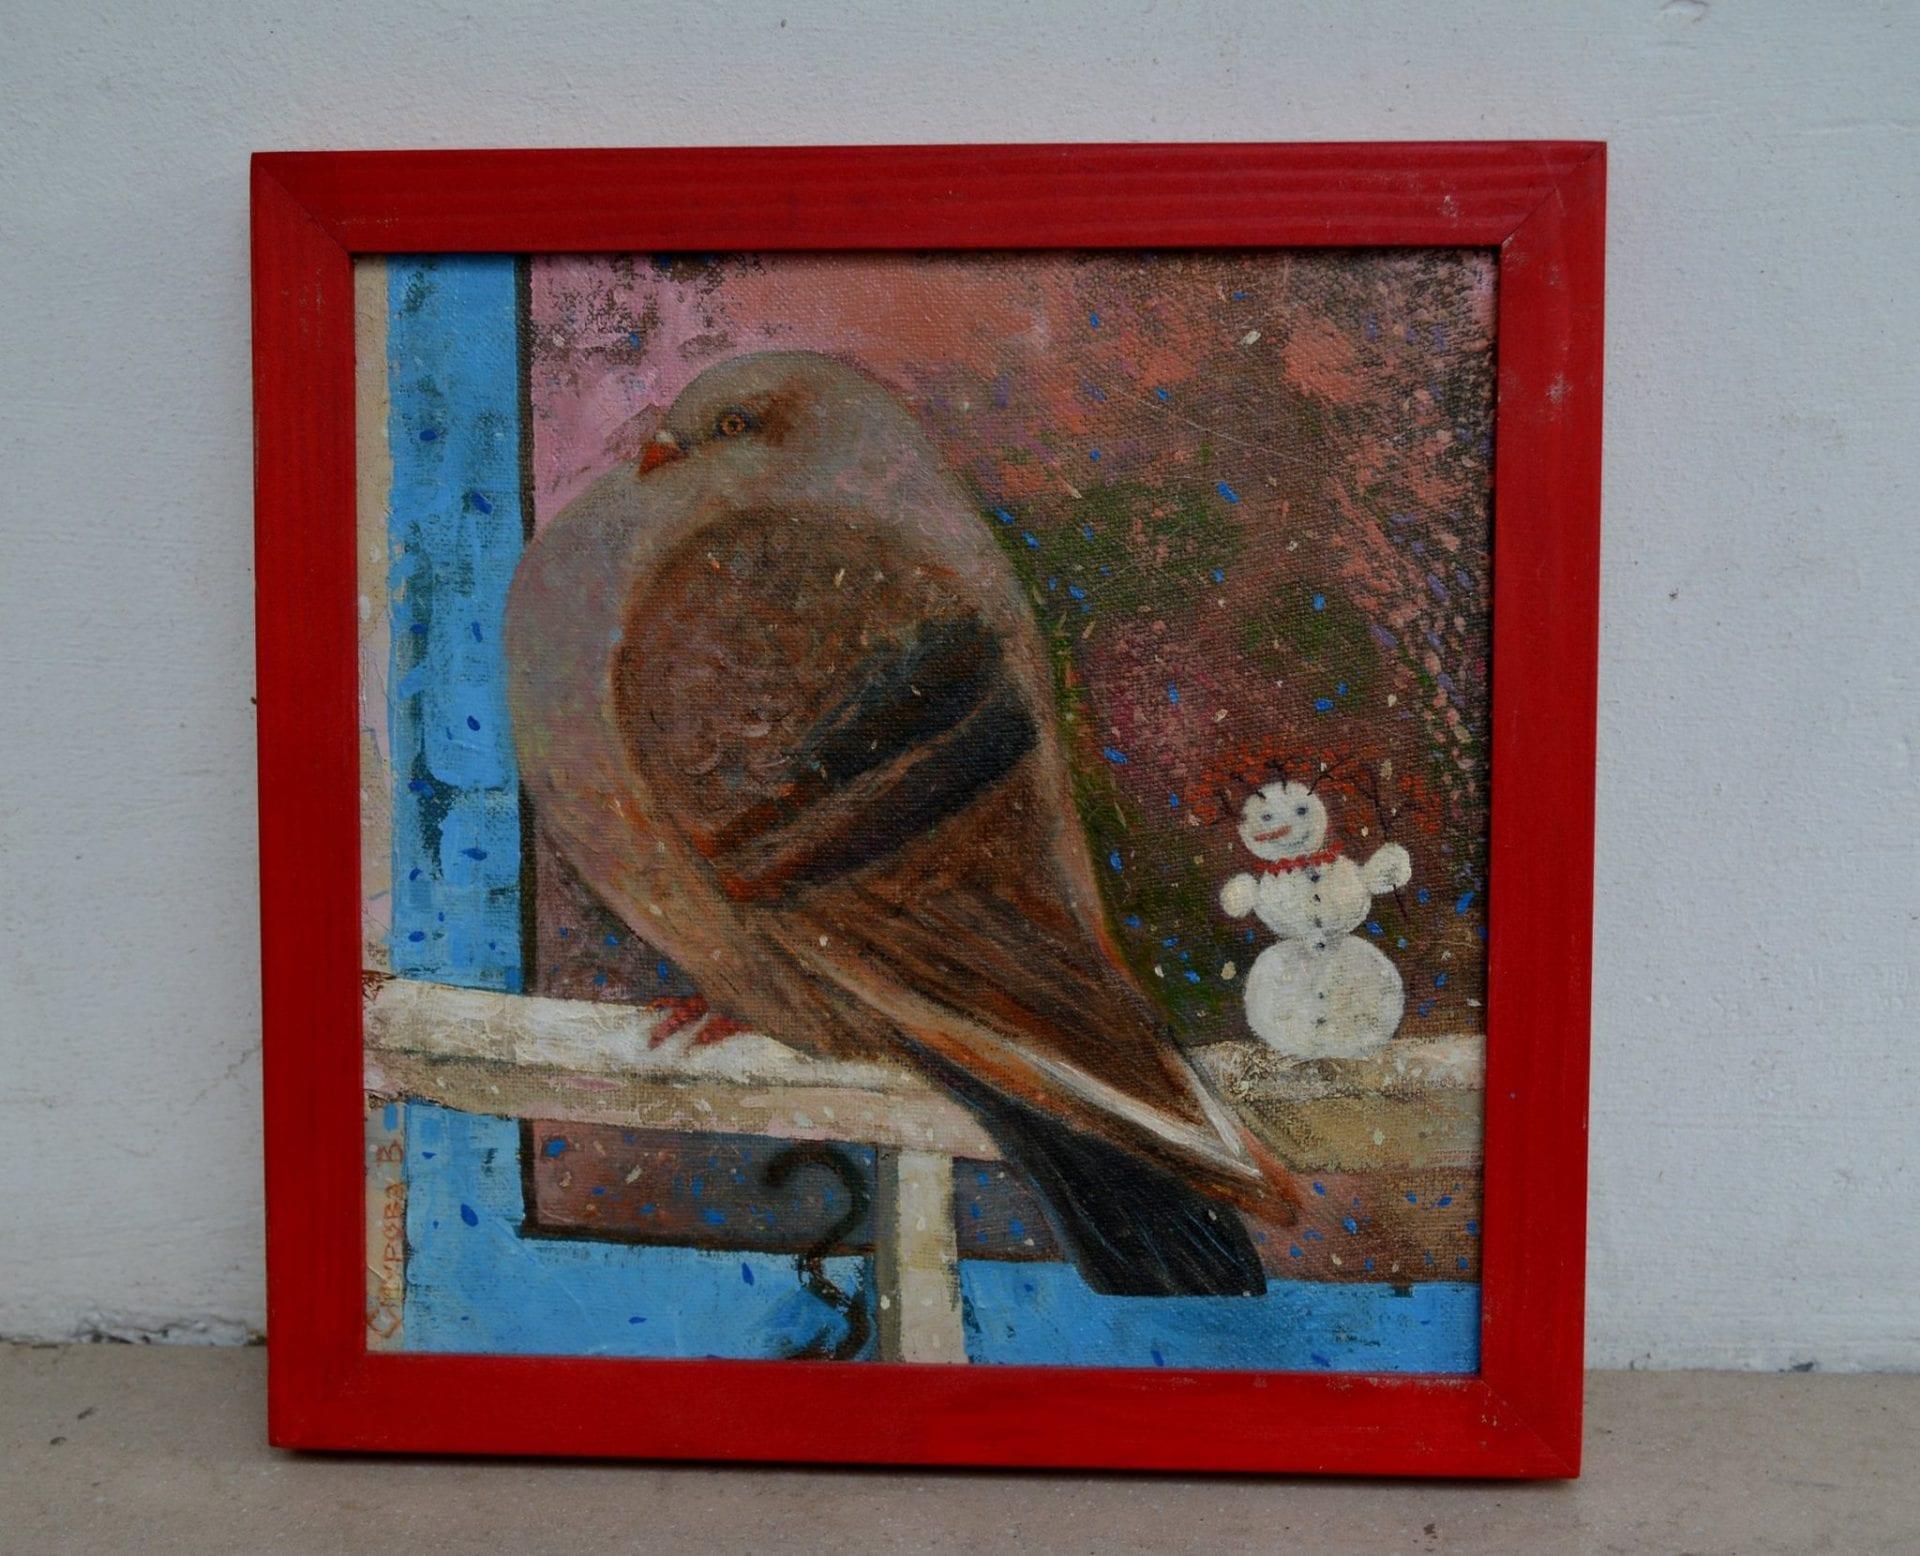 Картина Зимно, снігур, птах, полотно, олія